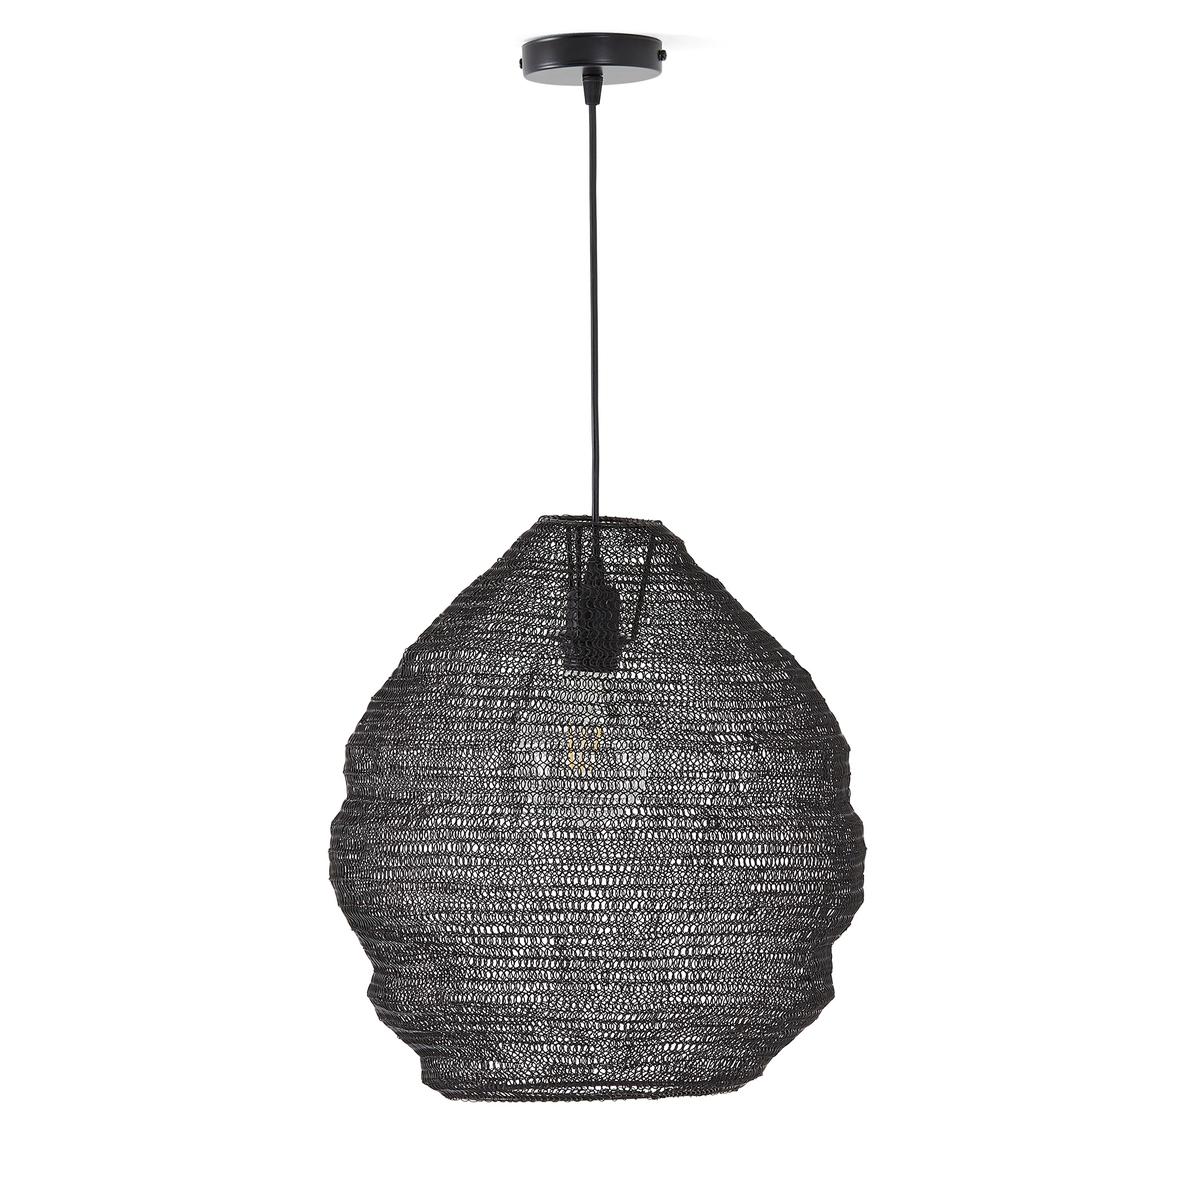 Светильник La Redoute Из прокатного металла Mita единый размер черный стол la redoute журнальный из агата и металла anaximne единый размер синий